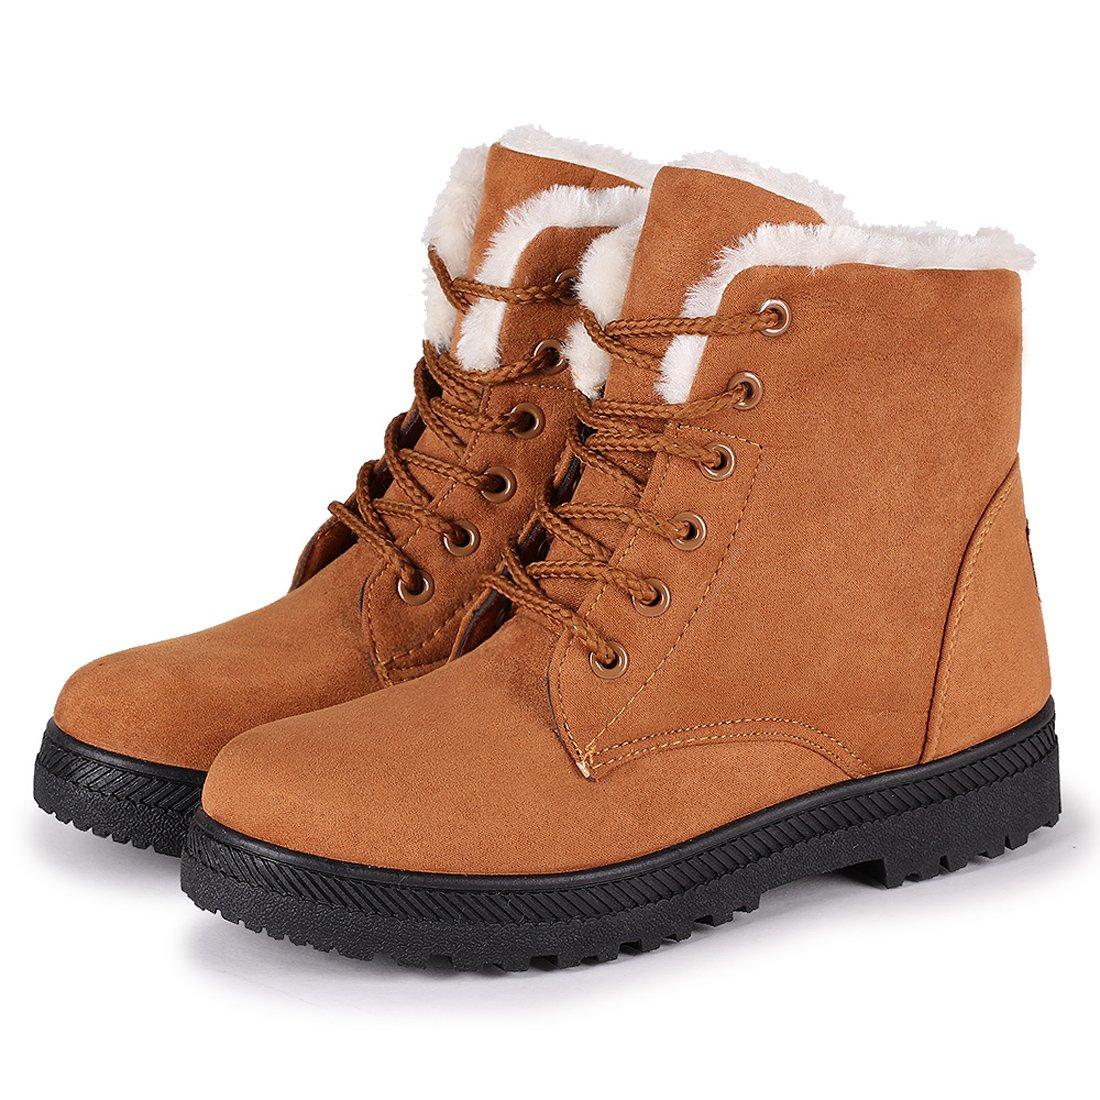 Susanny Suede Flat Platform Sneaker Shoes Plus Velvet Winter Women's Lace up Khaki Cotton Snow Boots 7 B (M) US